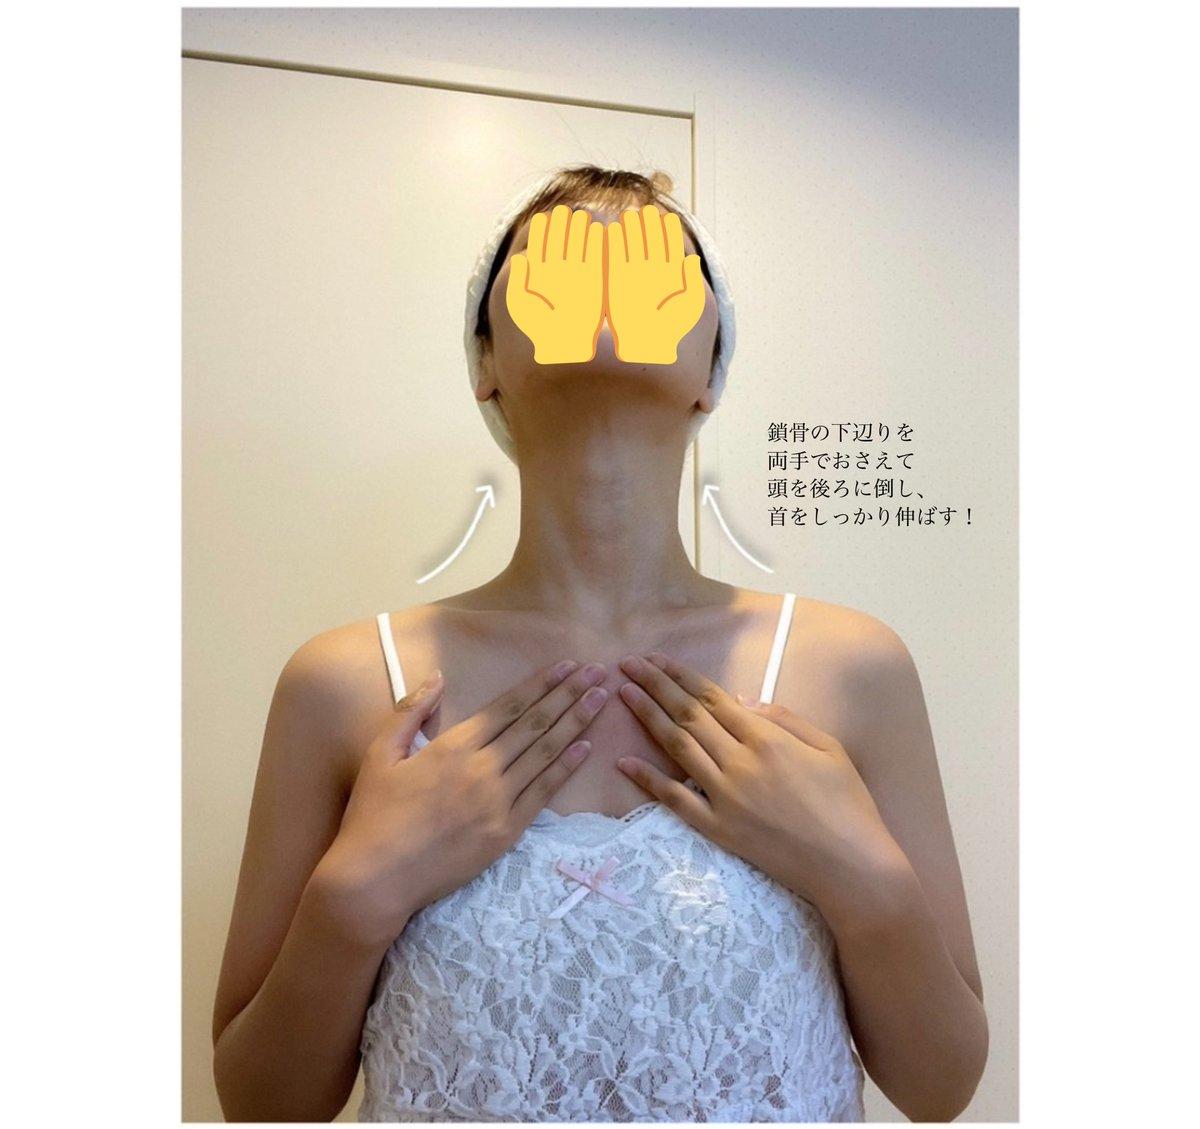 首〜鎖骨を綺麗に見せたい方は必見!胸鎖乳突筋ストレッチ!